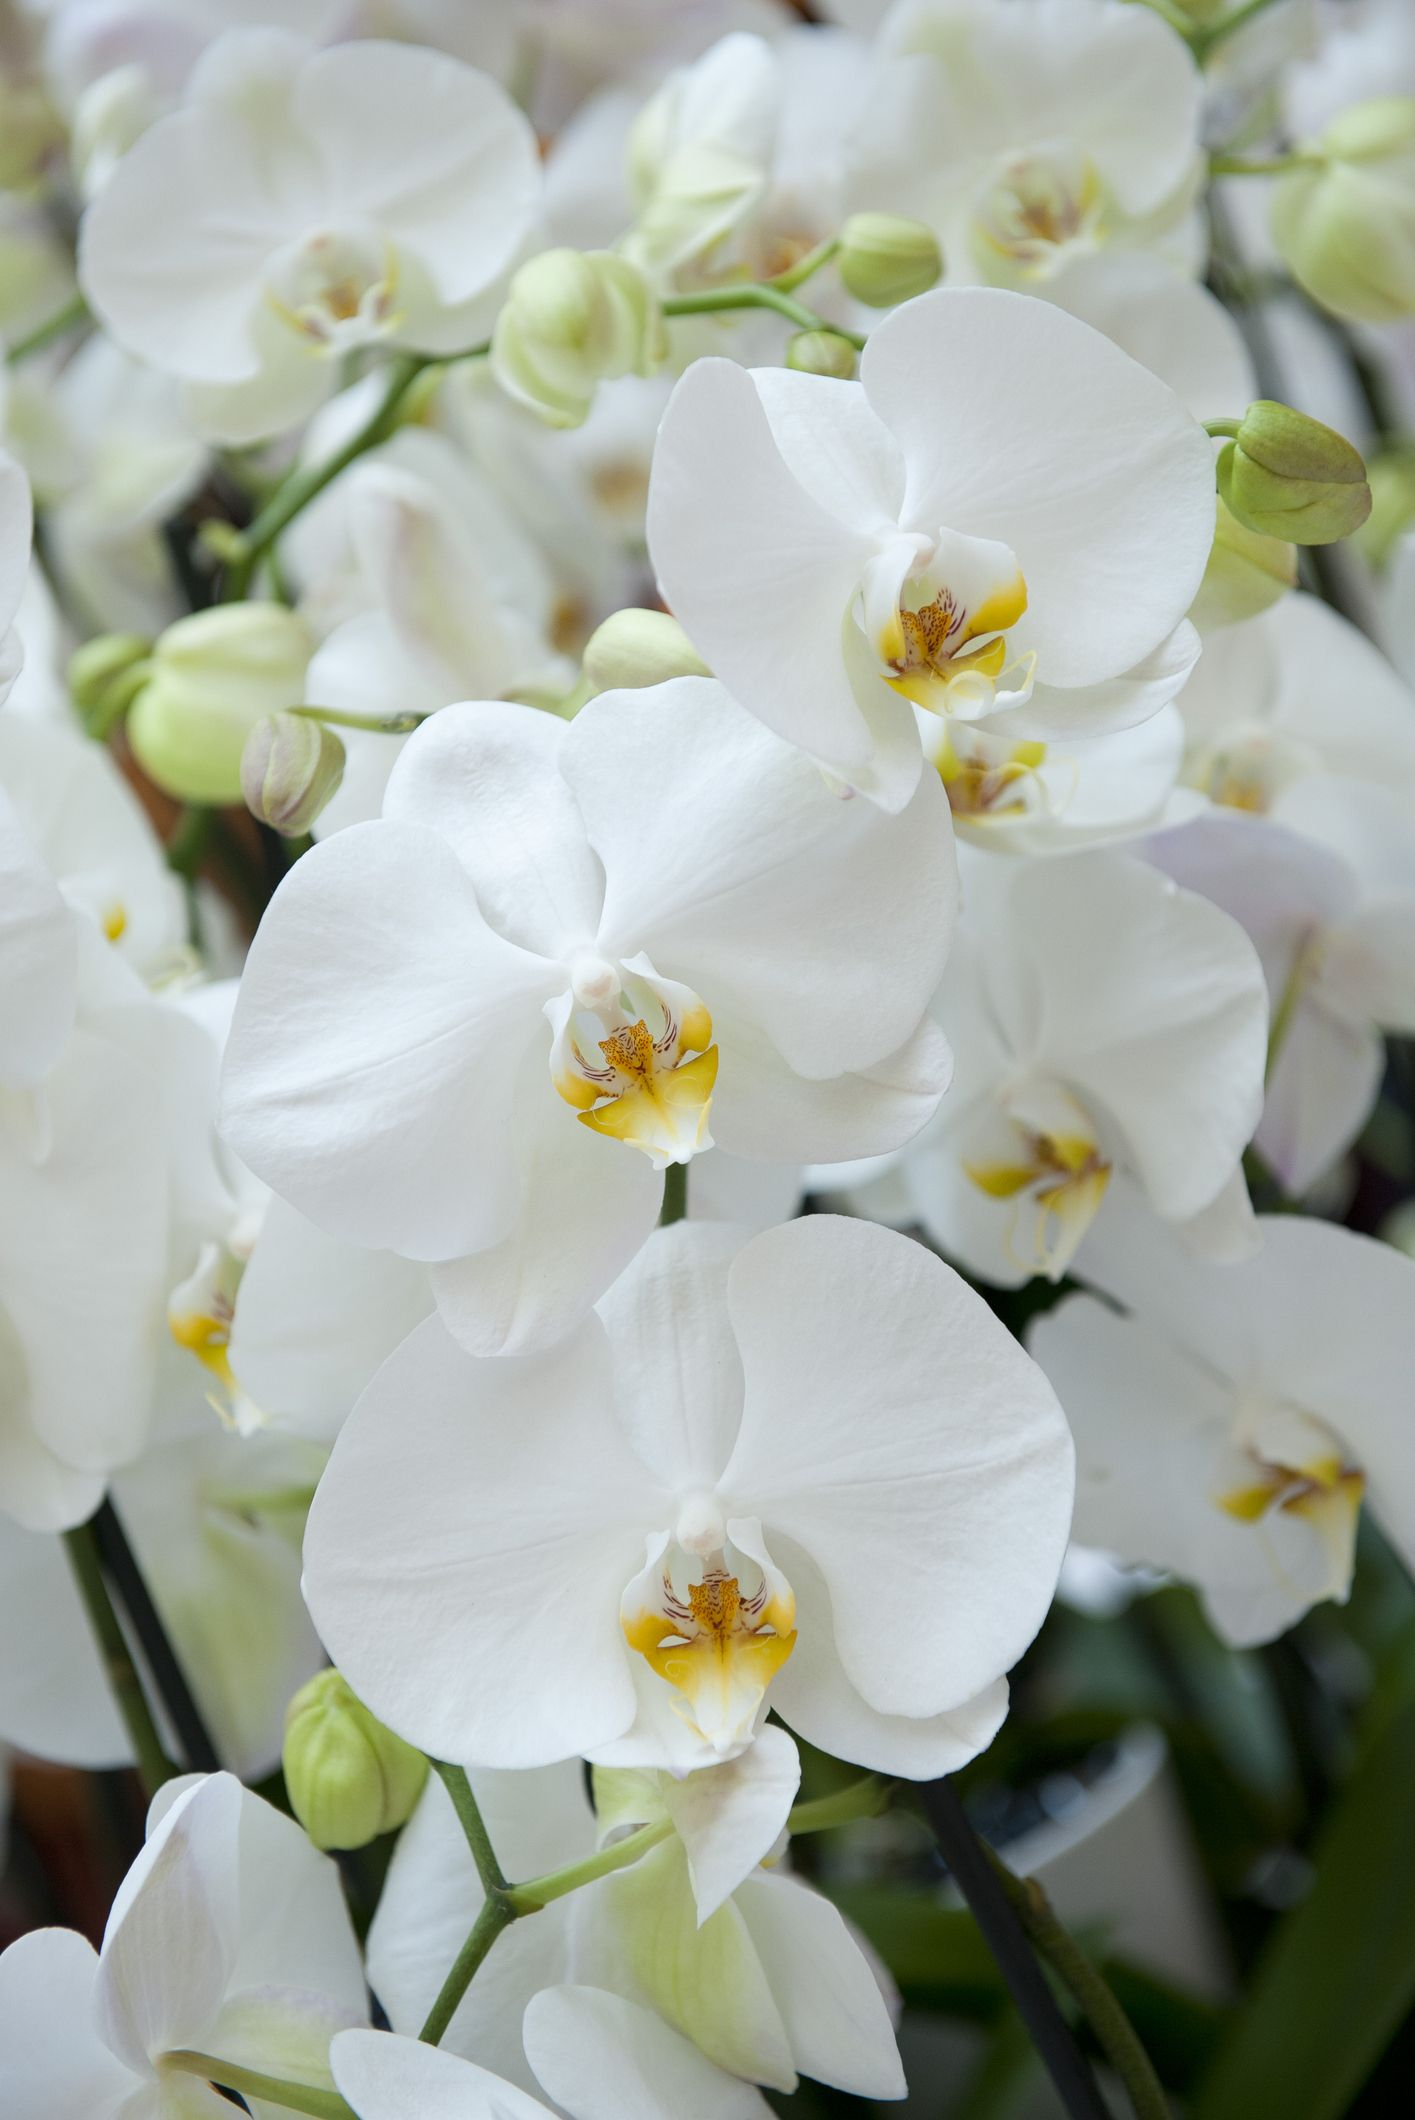 Arrosage De L Orchidee Nos 6 Conseils Pour Bien S Y Prendre Comment Arroser Une Orchidee Arrosage Des Orchidees Fleur Orchidee